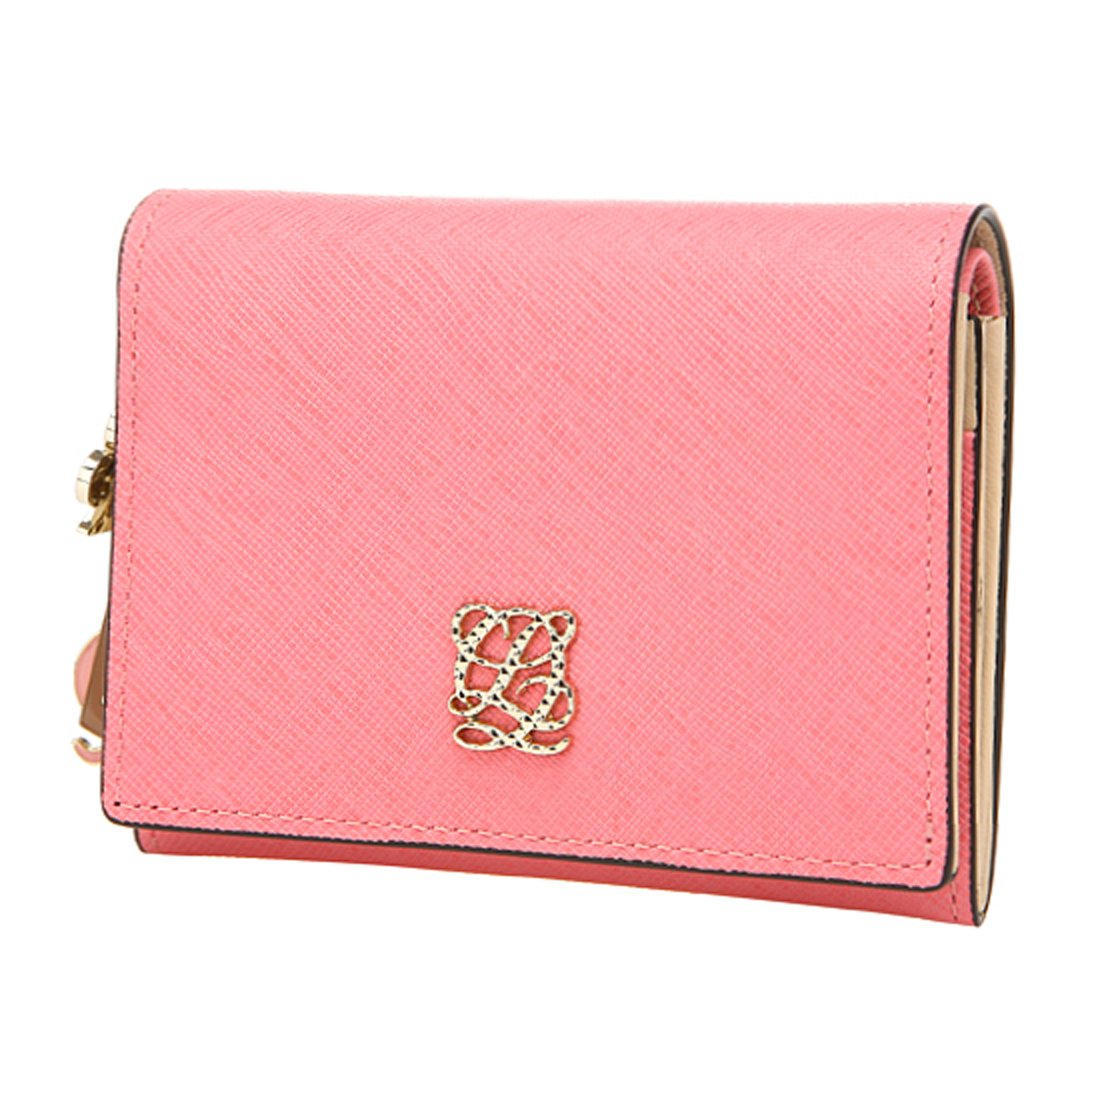 LOUIS QUATORZE Women's Cow Leather Business Card Case SG1AL09SMP One Size Pink by LQ LOUIS QUATORZE